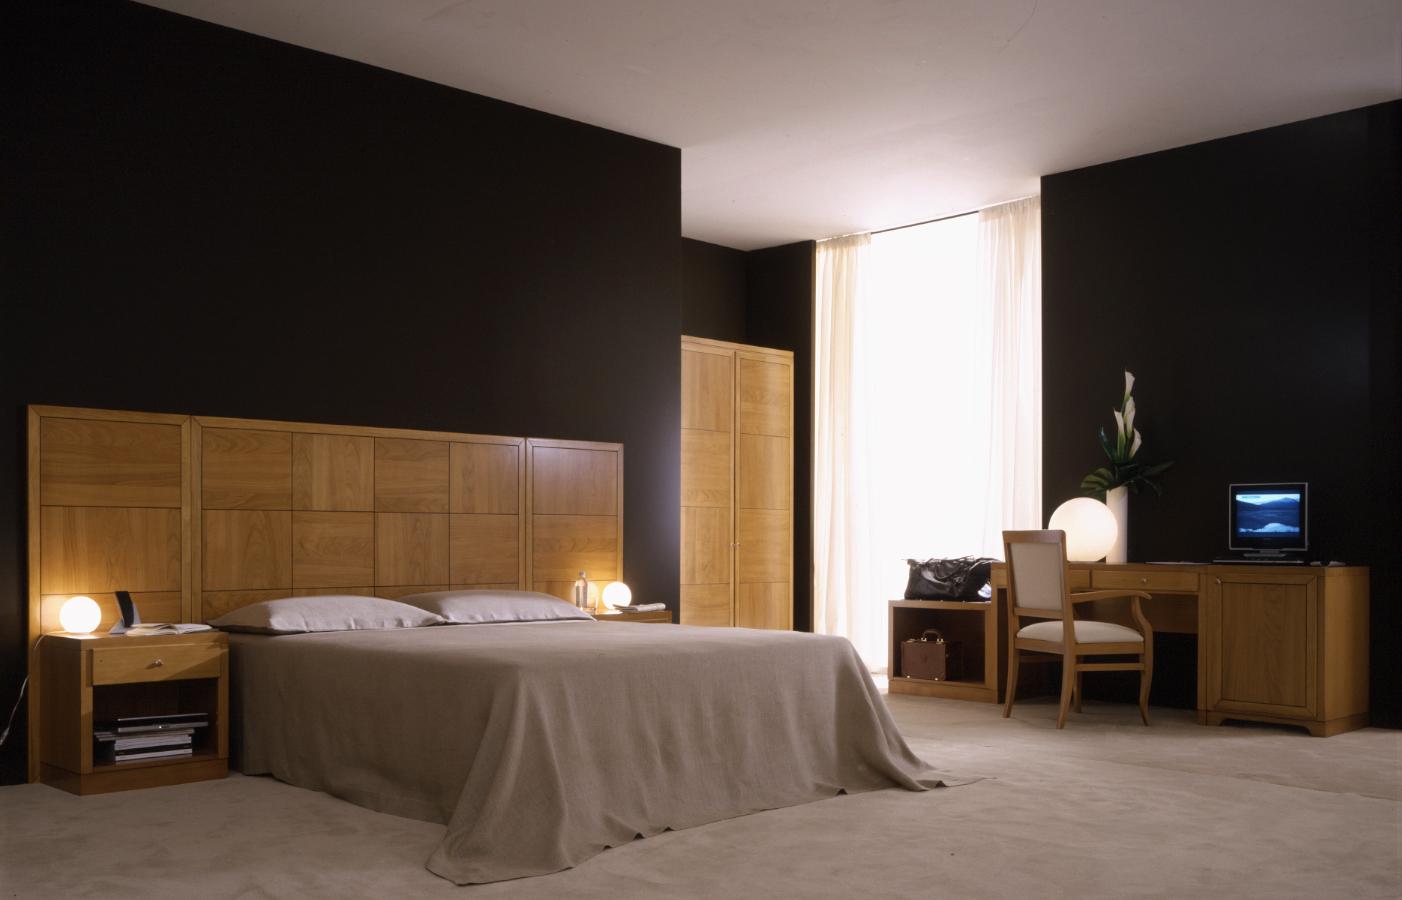 Chambre d 39 h tel contemporain 5 0 100 0 pi ces for Chambre de hotel